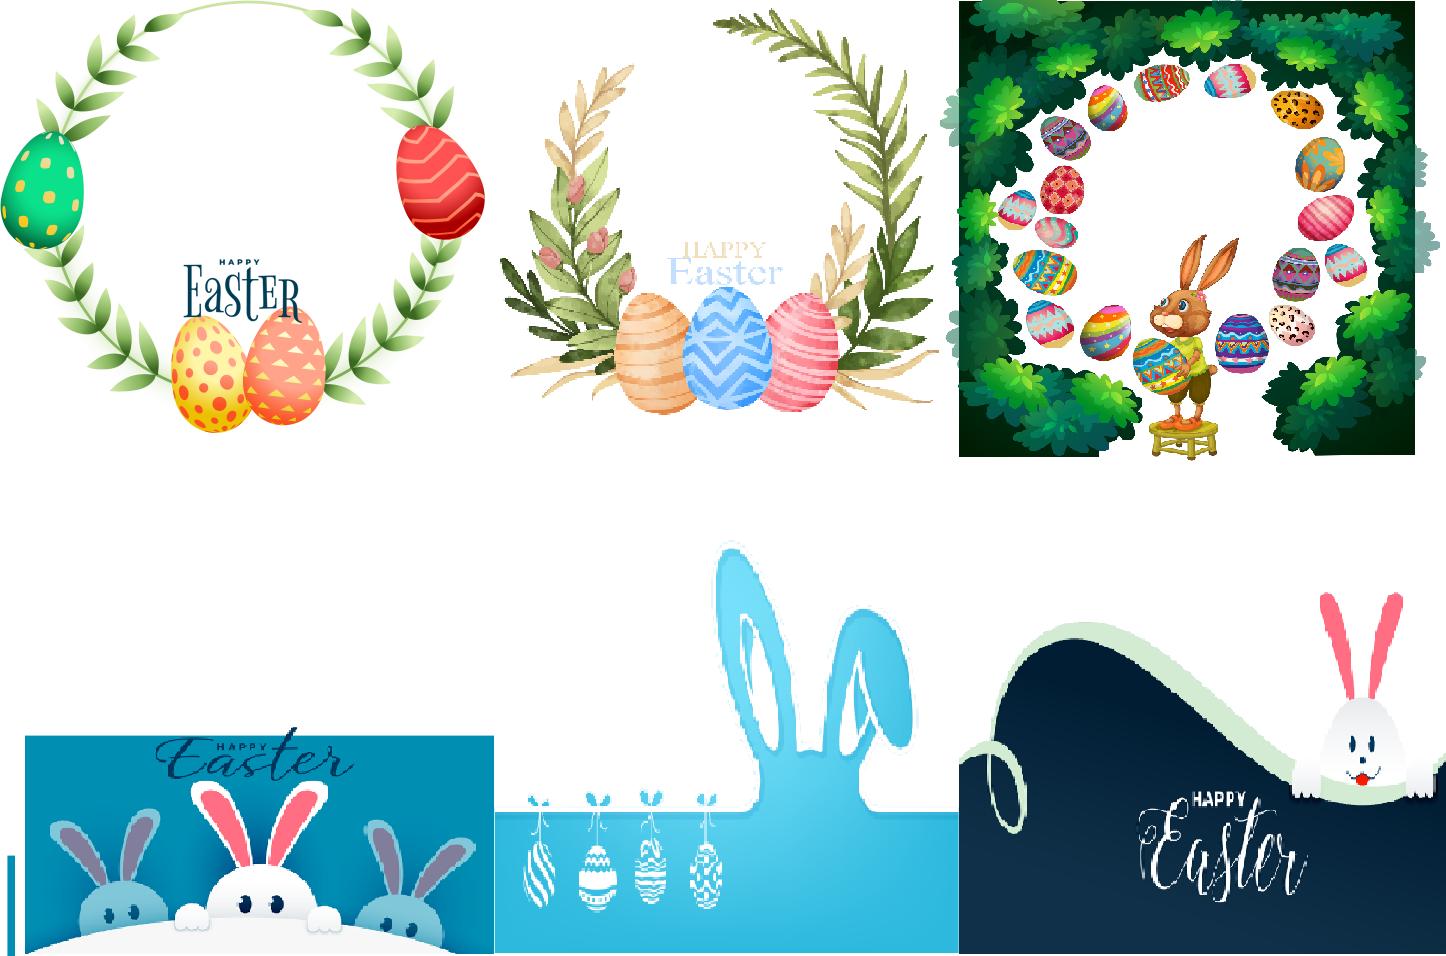 Easter Day Frame 2021